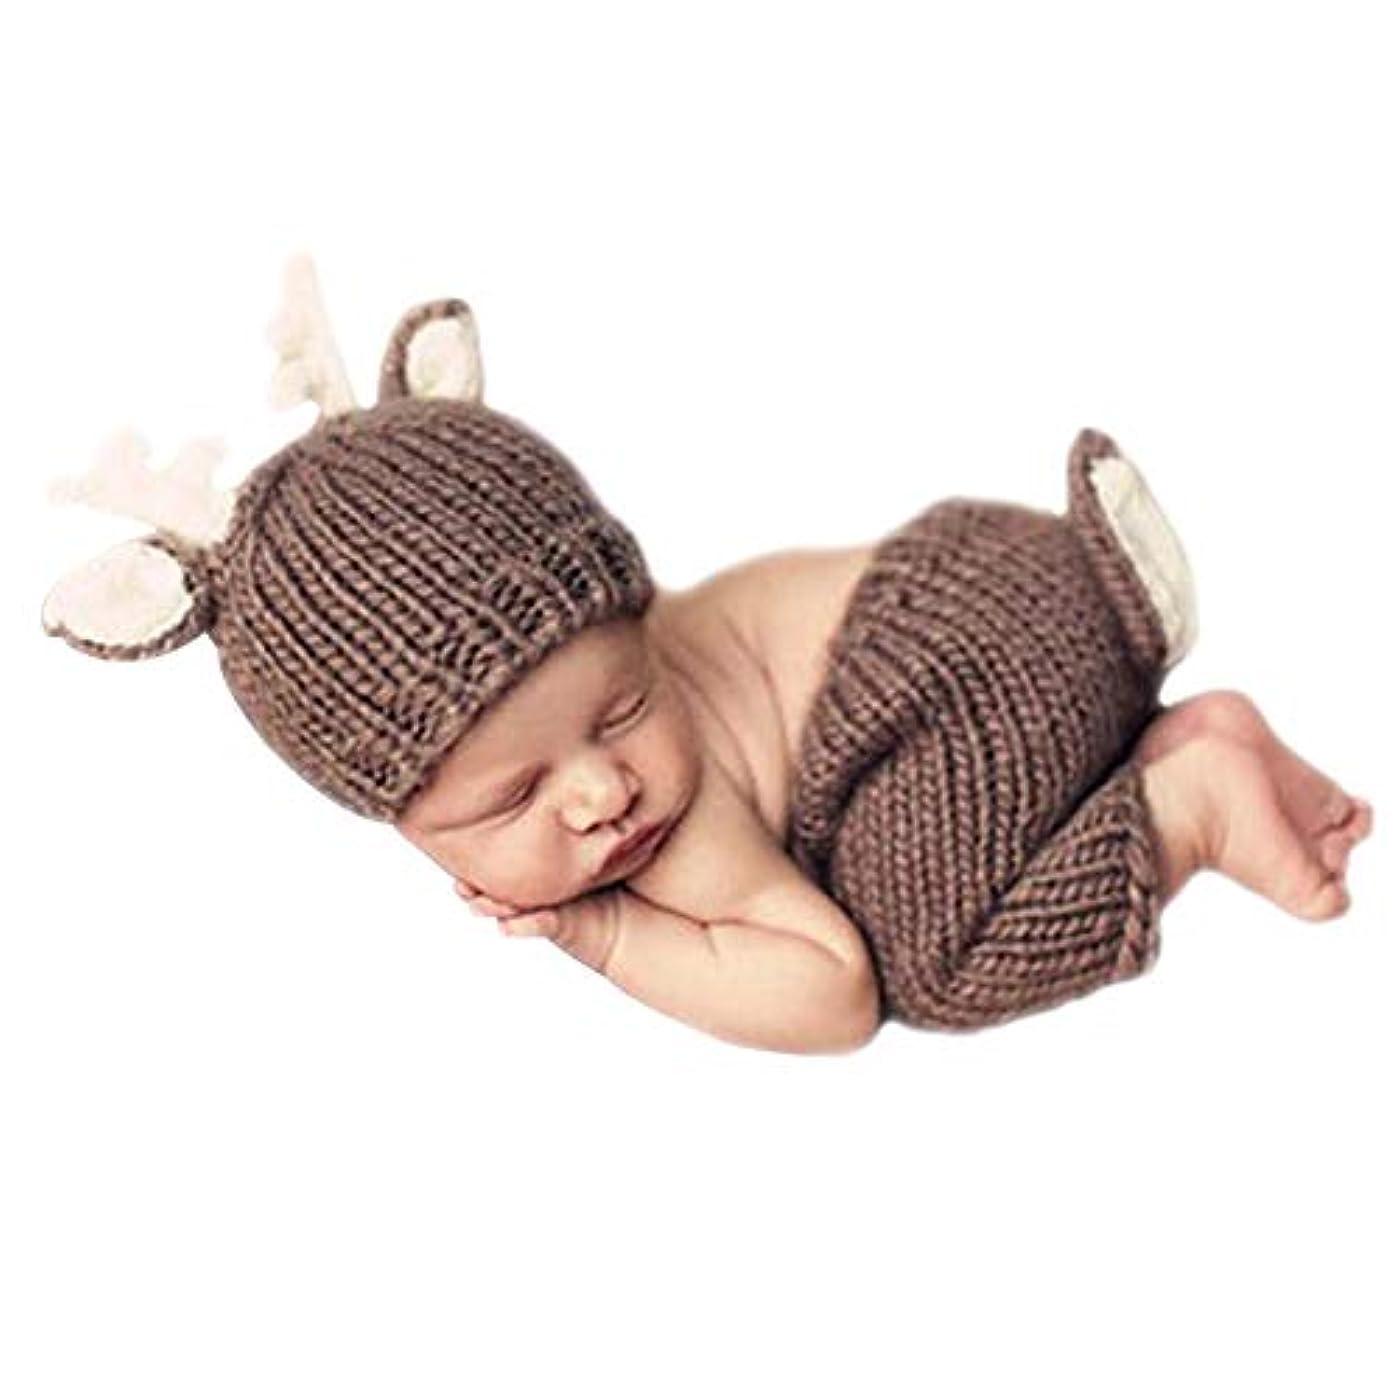 残り物フォロー最終的にベビー用着ぐるみ コスチューム 寝相アート 鹿ヘアバンド付 赤ちゃんの写真道具 新生児 可愛い着ぐるみ 記念撮影 出産祝い 鹿